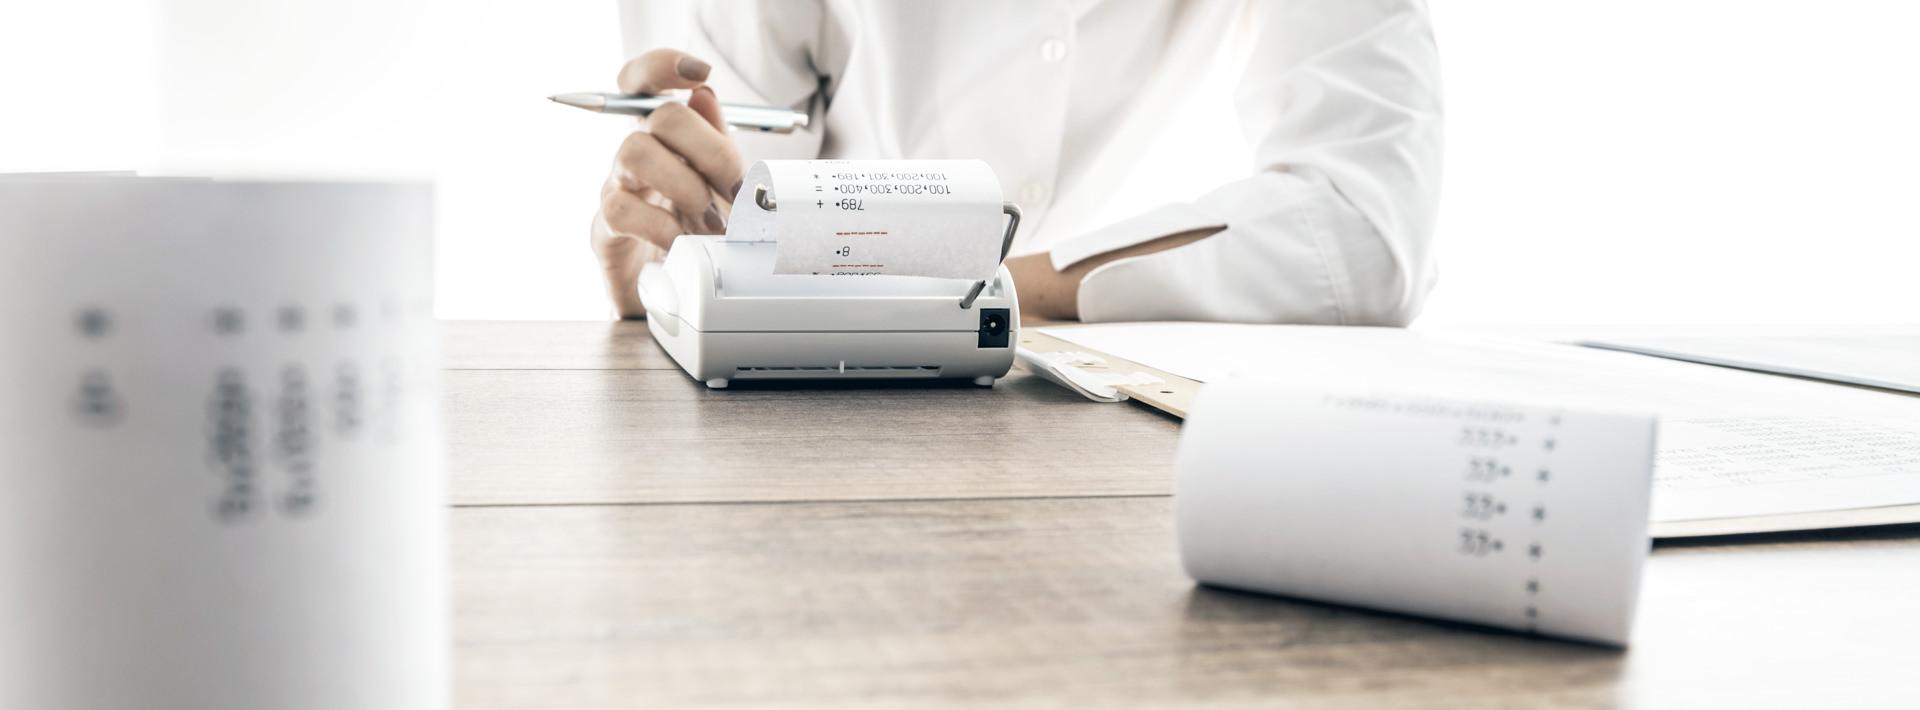 Image en-tête - Taxation et évaluation foncière